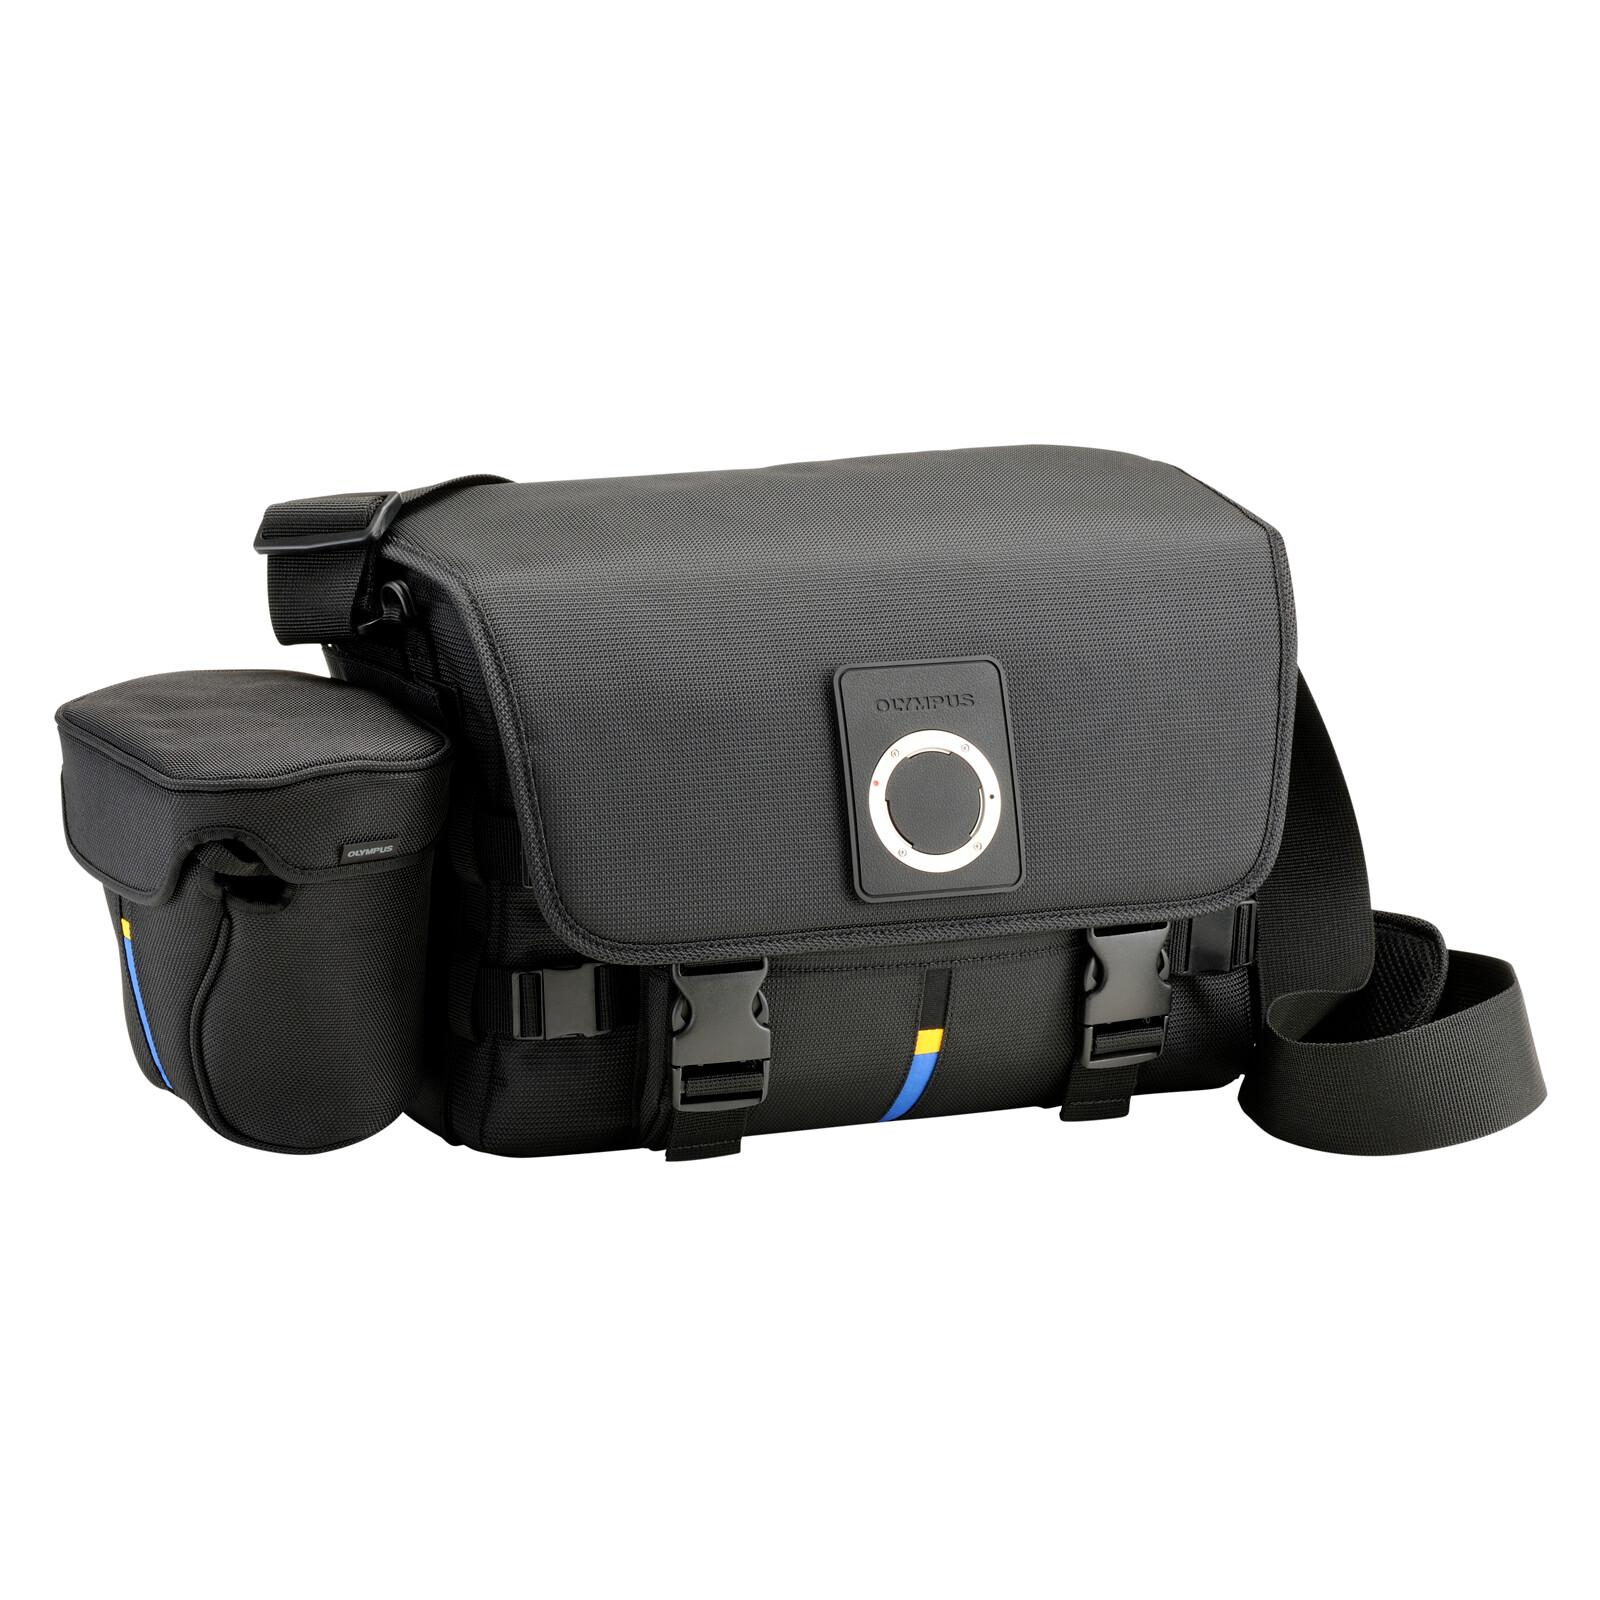 Olympus CBG-10 Tasche